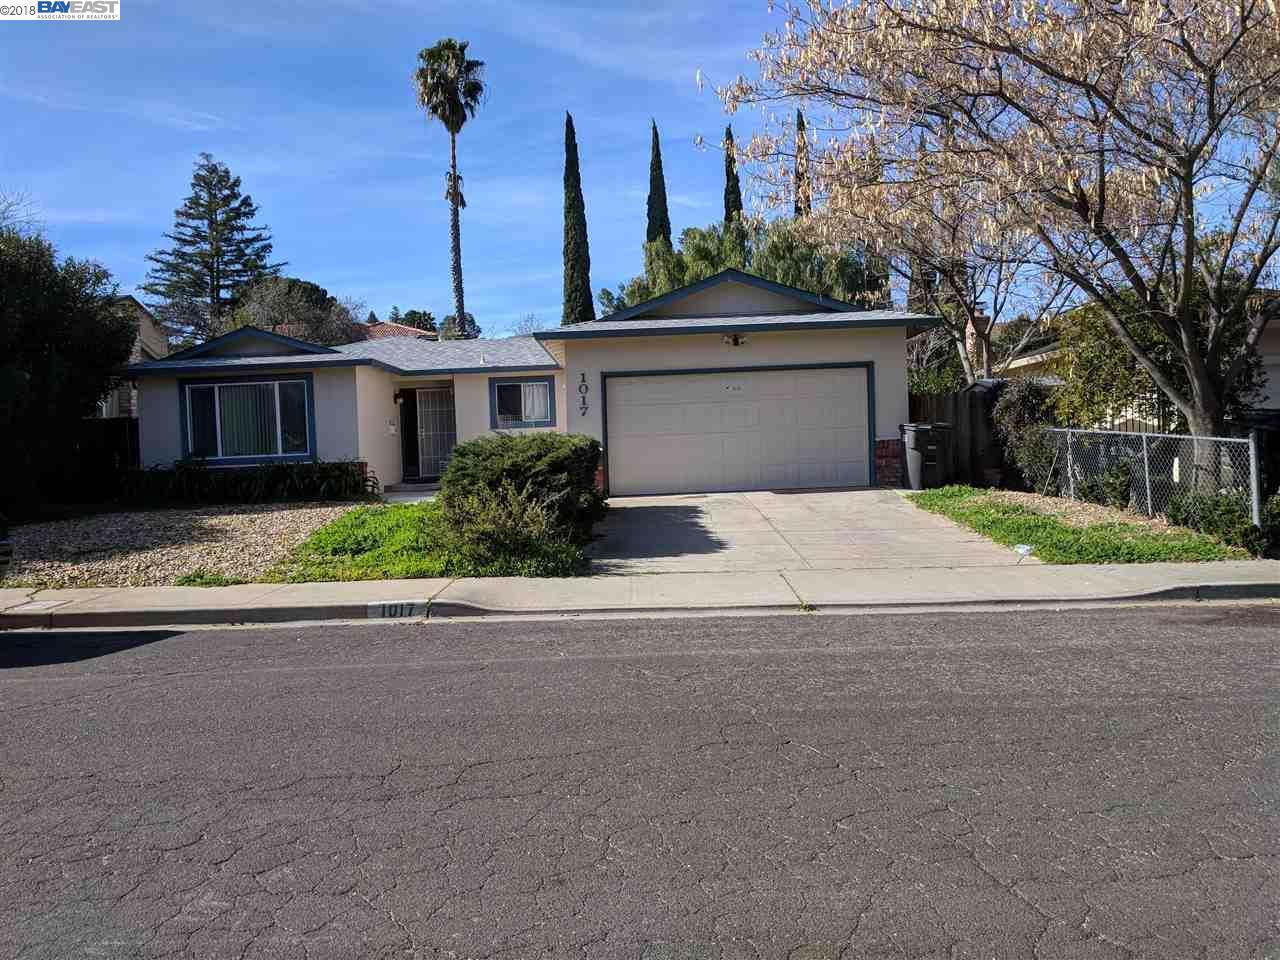 1017 Metten Ave, PITTSBURG, CA 94565